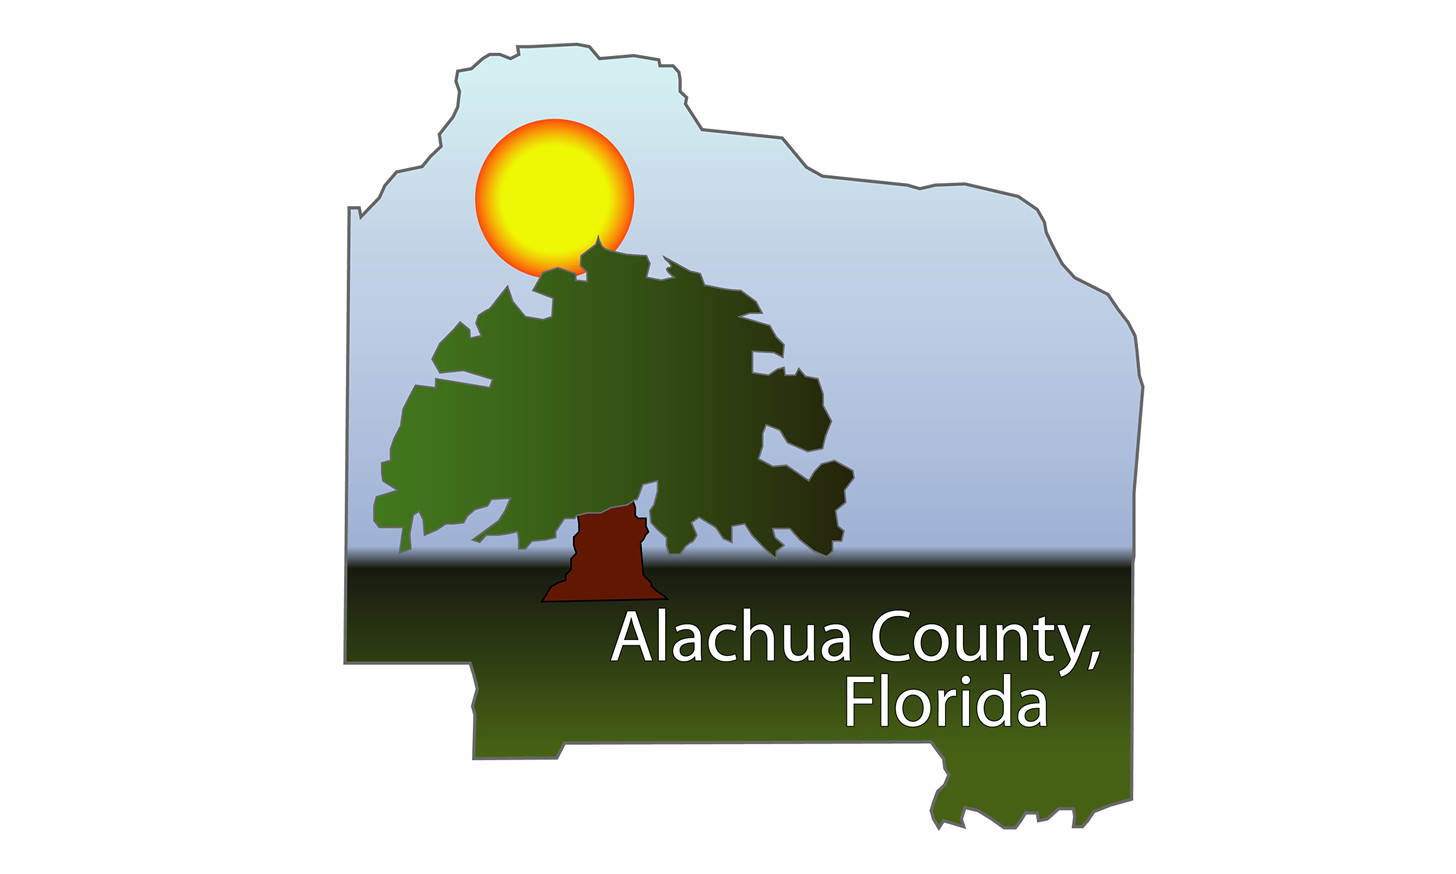 Alachua County logo